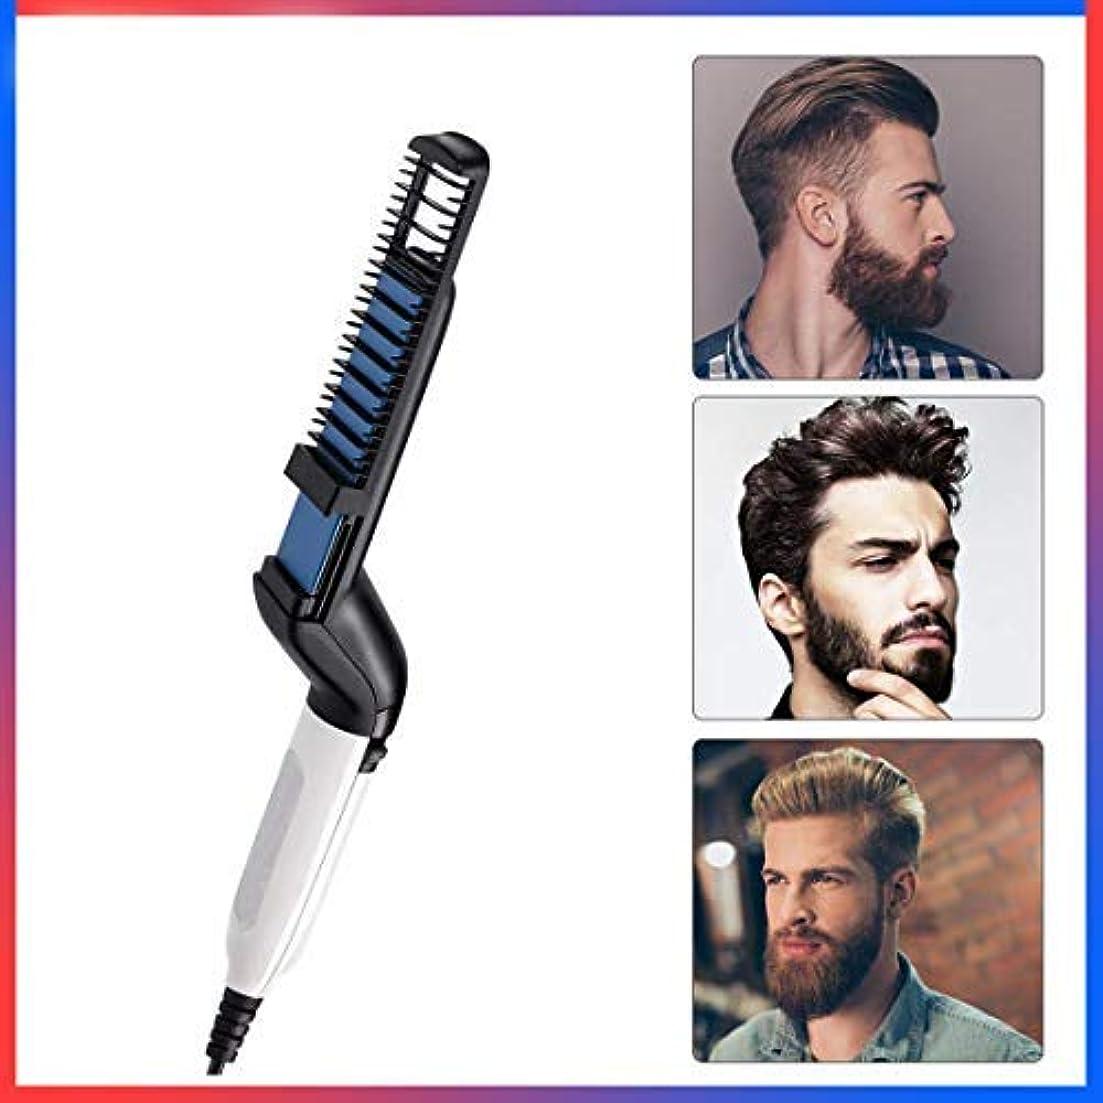 スリラーキャプション欠席Nevoc Electric Comb for Men, Men's Multi-Purpose Styling Comb Type Fluffy Roll Straight Dual Personal Care Shun...